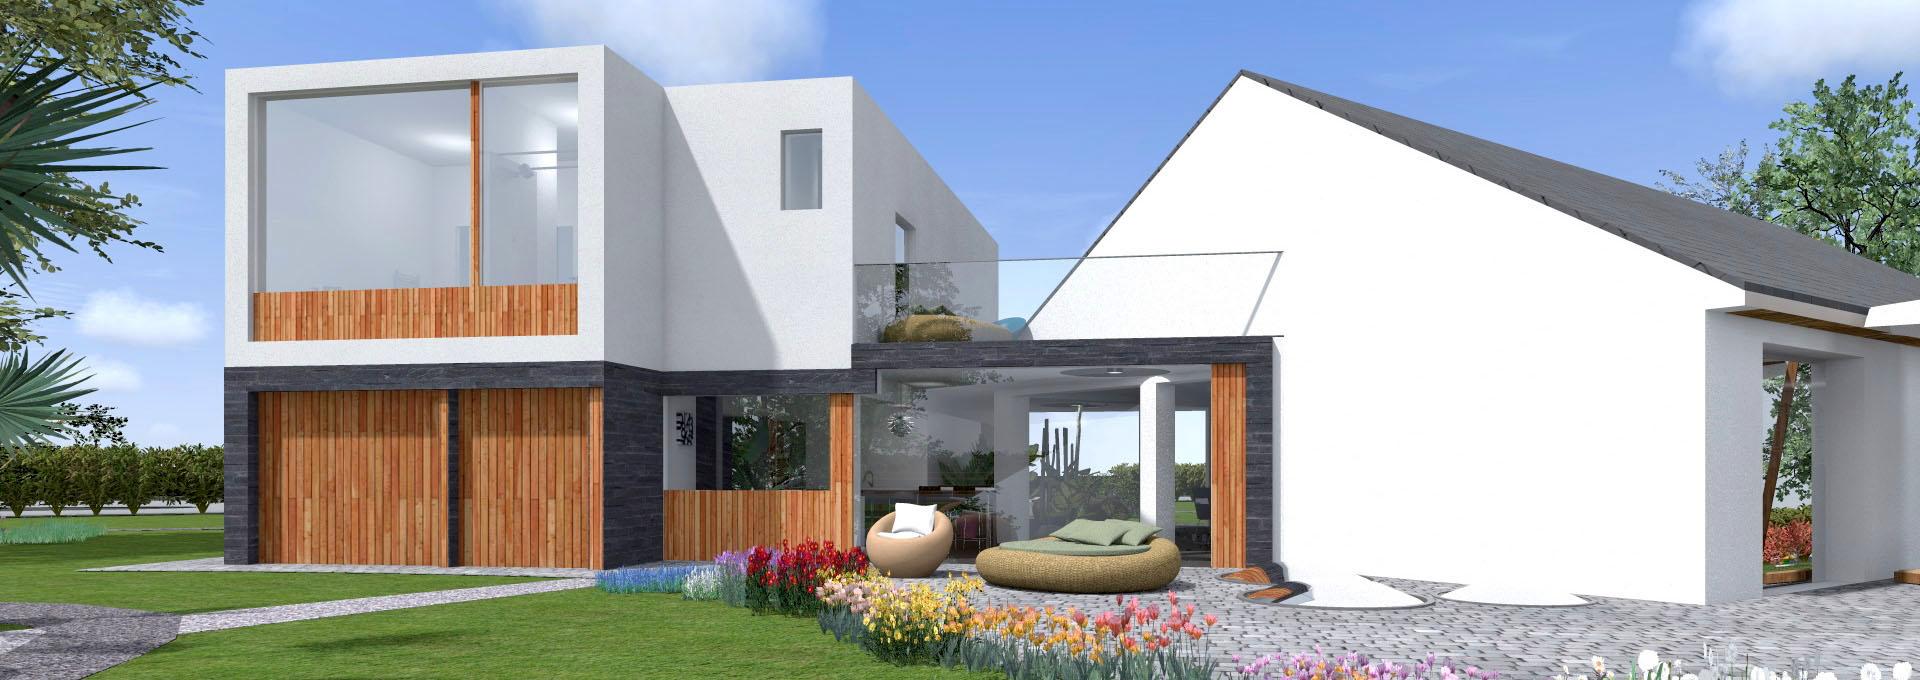 Extension contemporaine vignoble champenois architecte for Agence bois exterieur